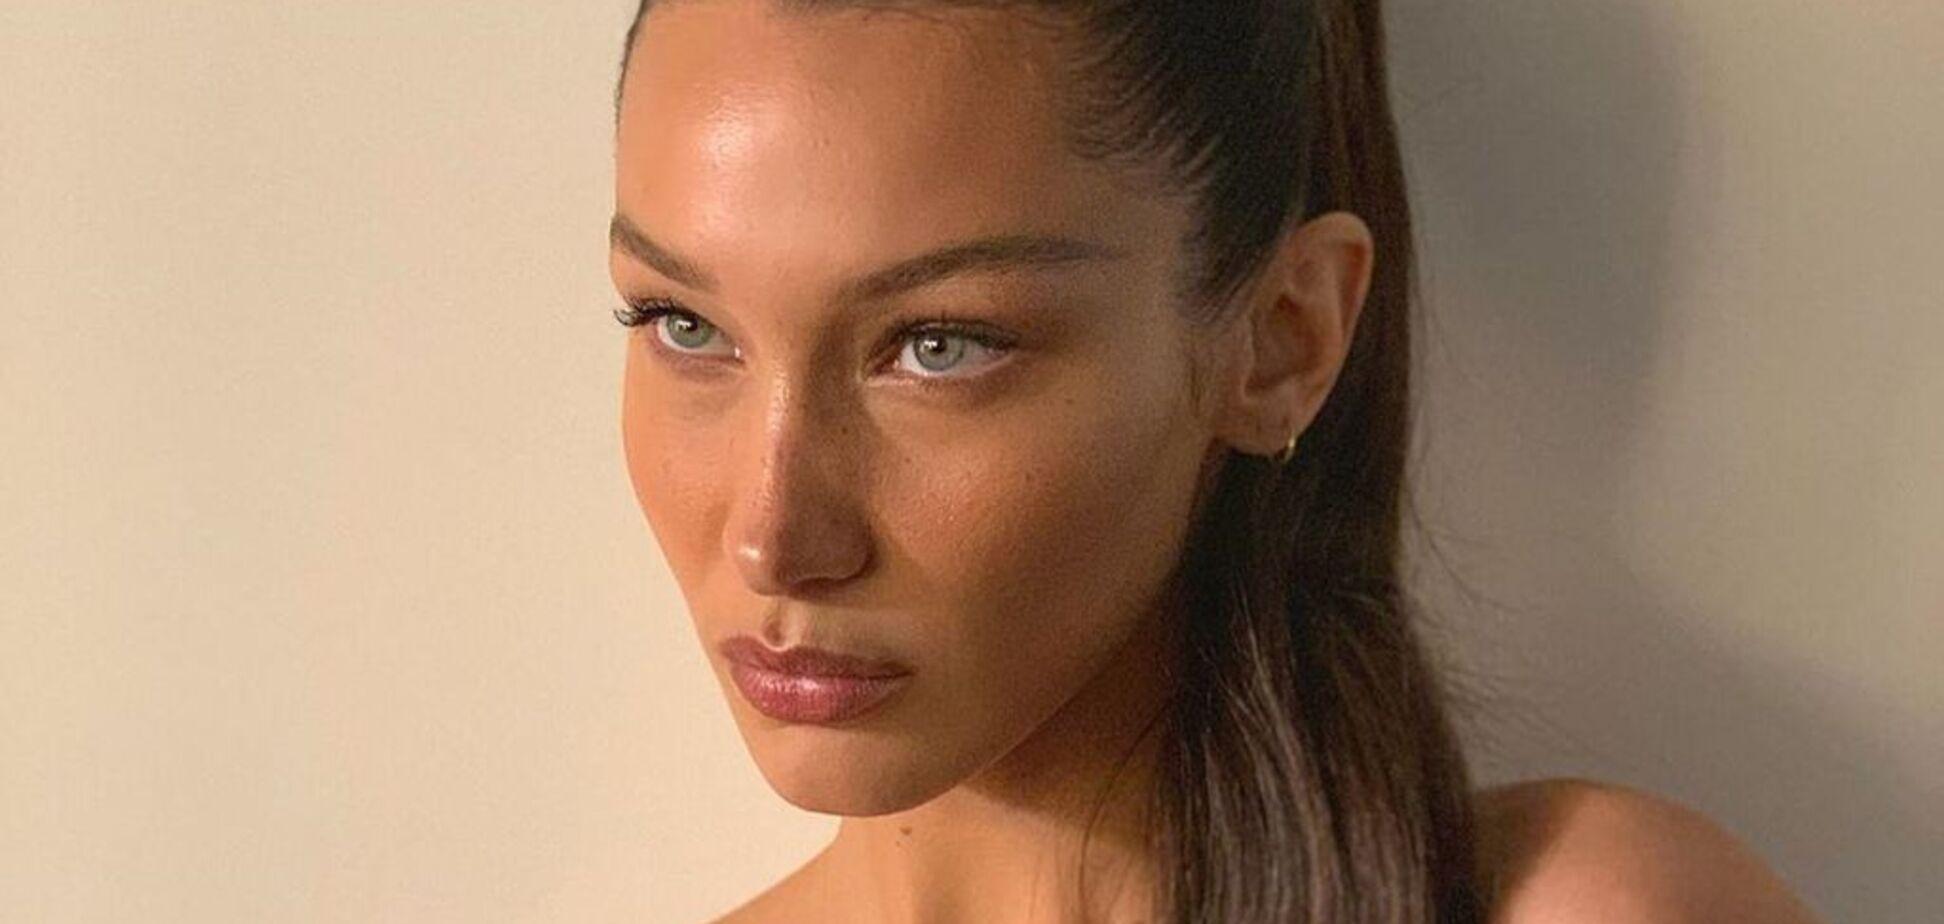 Самая красивая женщина в мире полностью разделась на камеру: пикантные фото